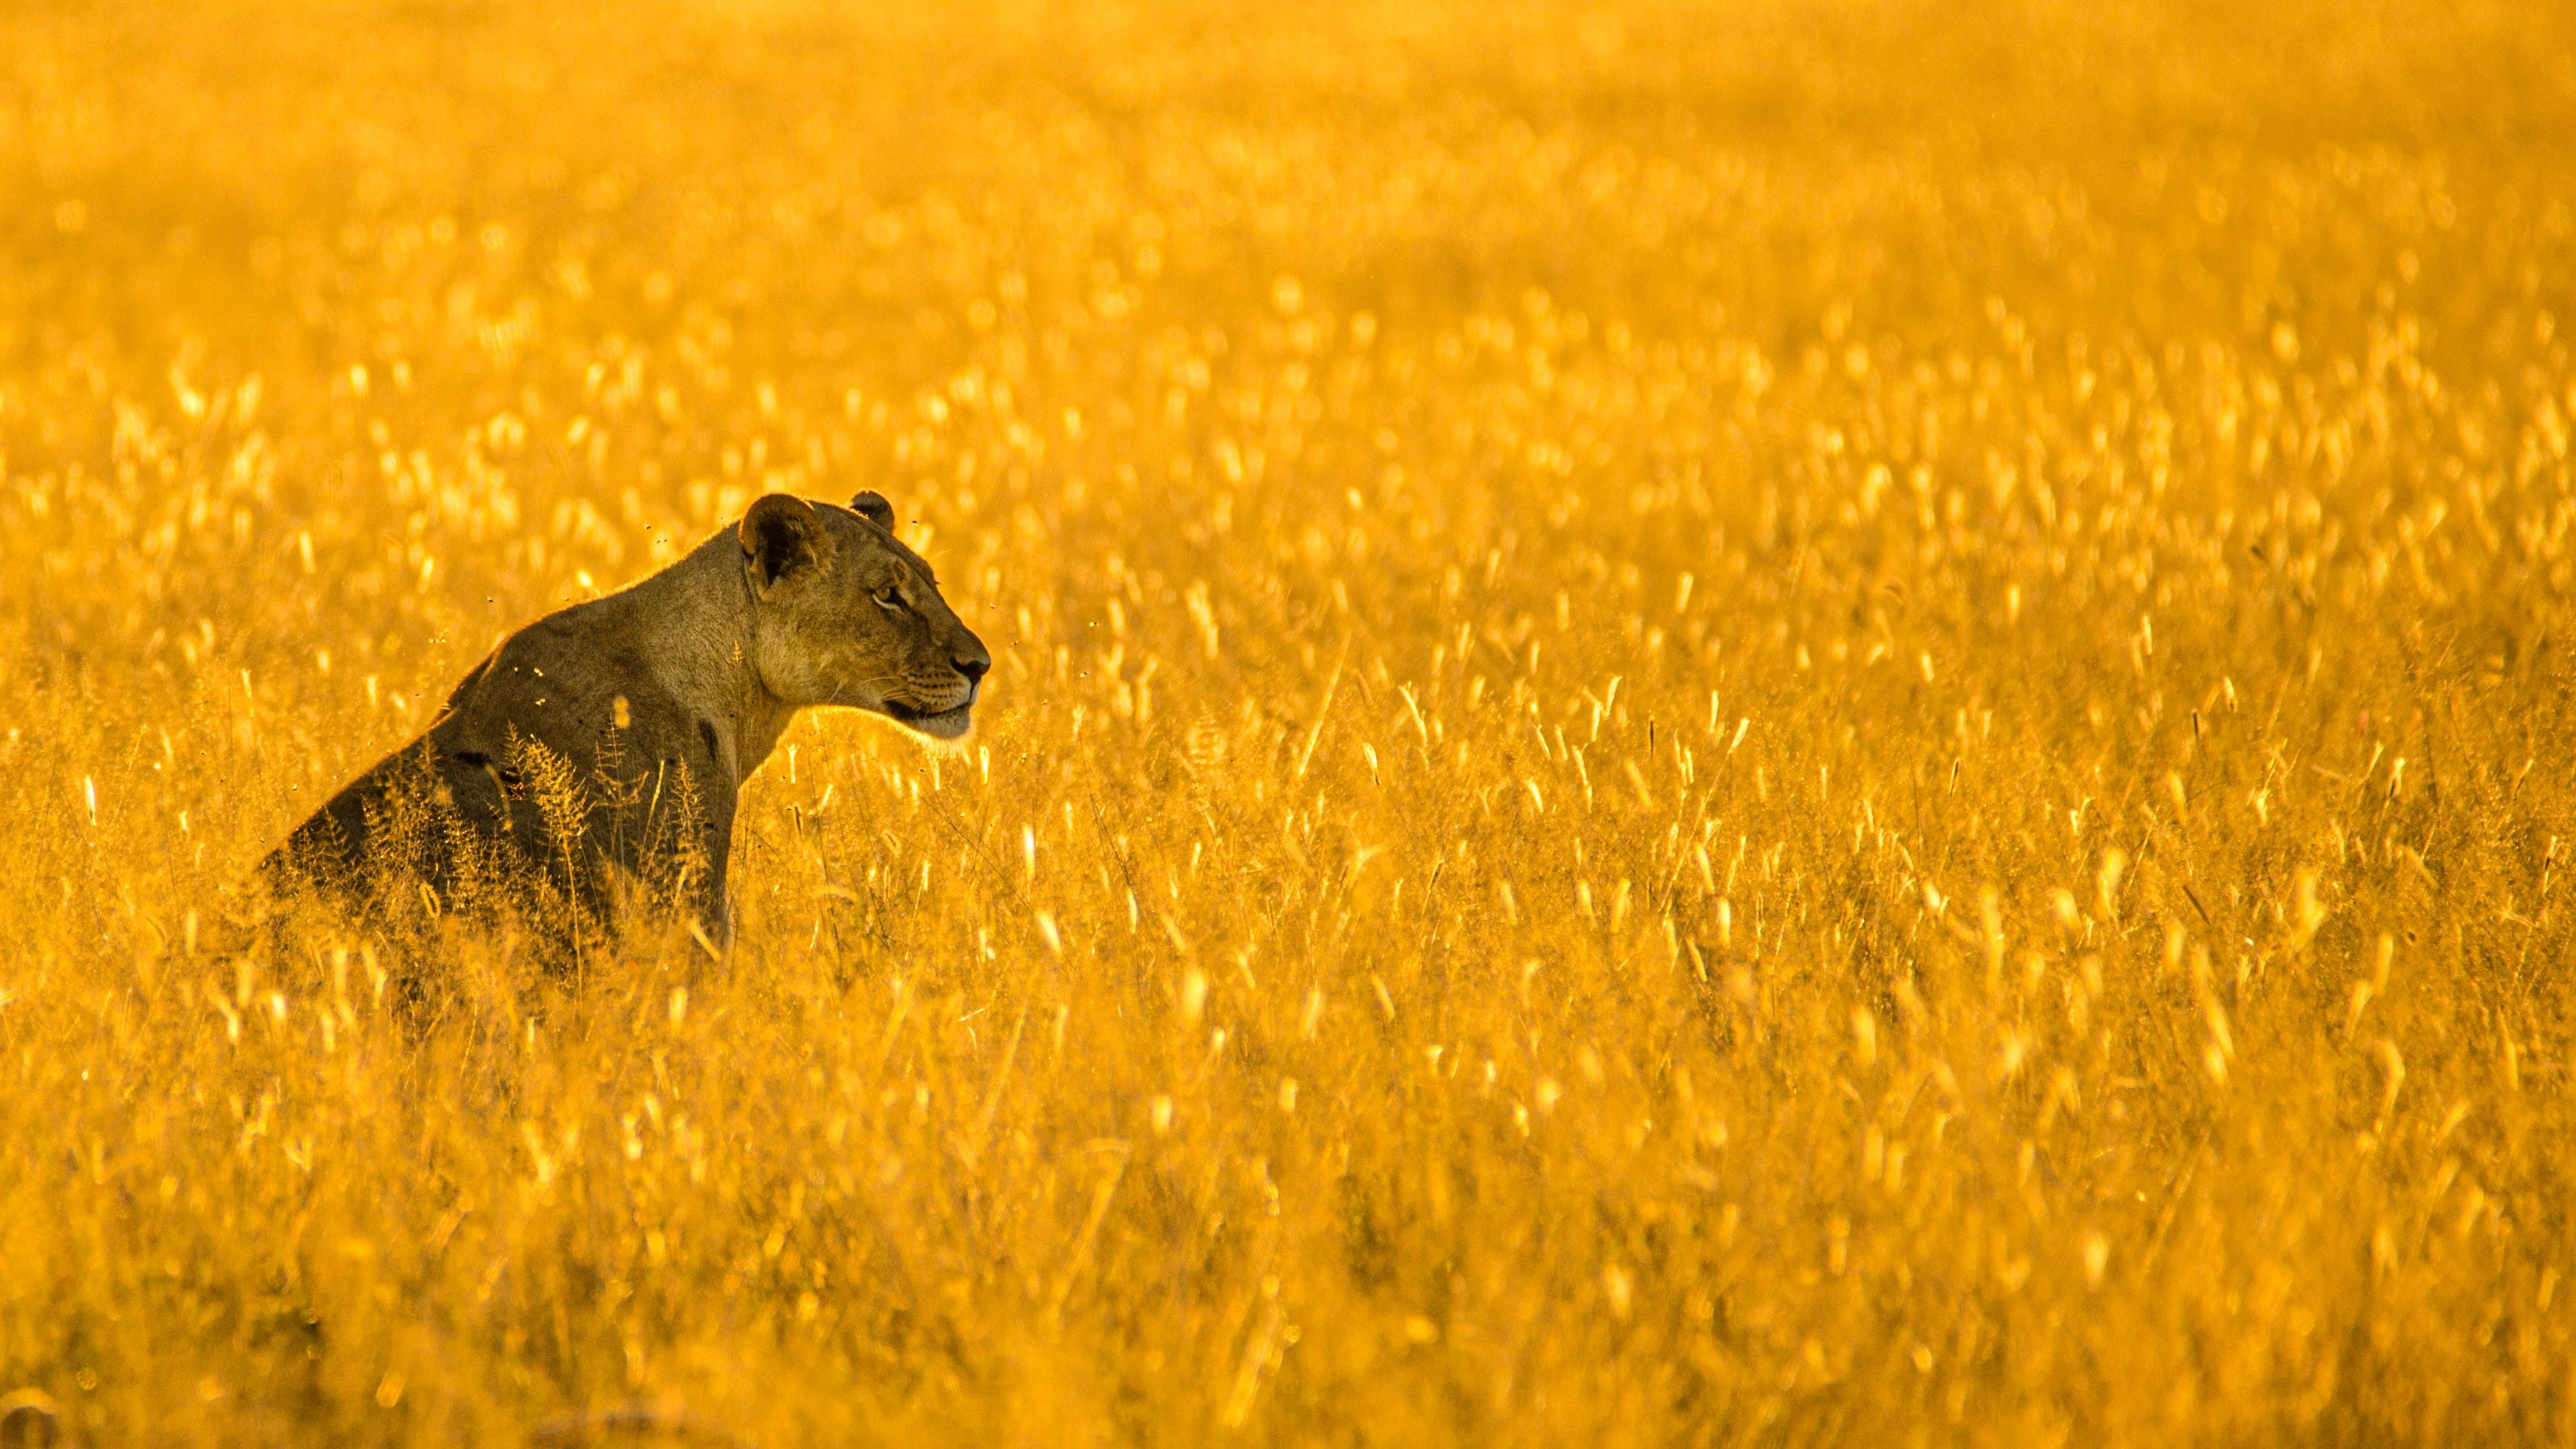 Against a vibrant golden plain, a regal lioness surveys her surroundings.